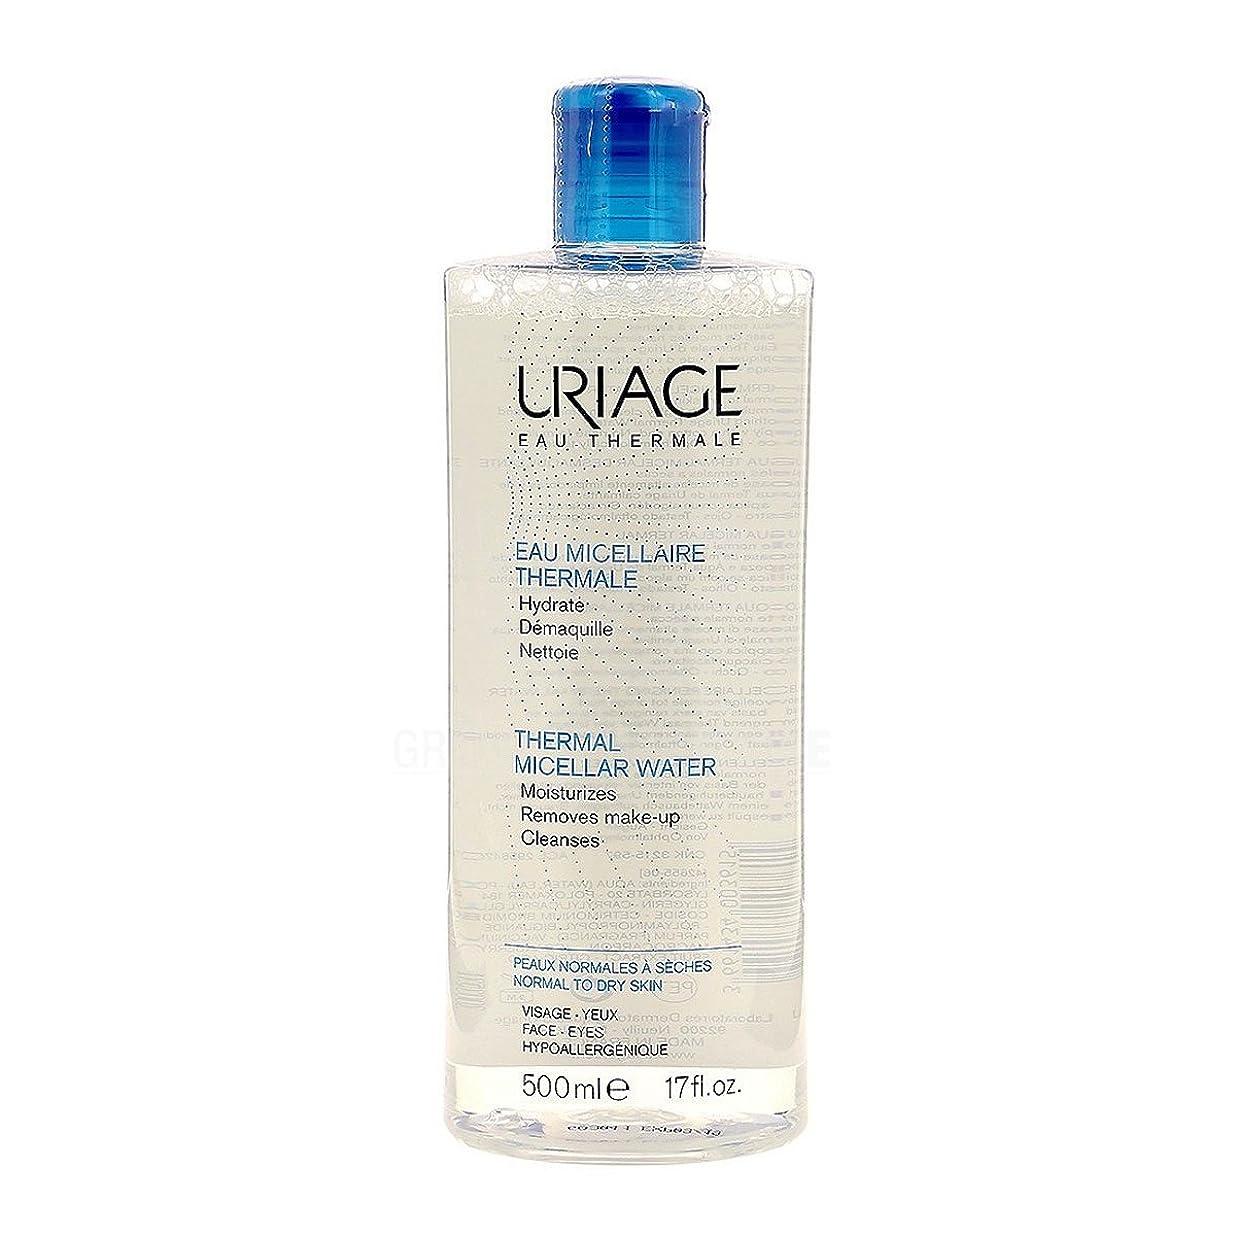 ジャベスウィルソン薄いです冗長Uriage Thermal Micellar Water Normal To Dry Skin 500ml [並行輸入品]